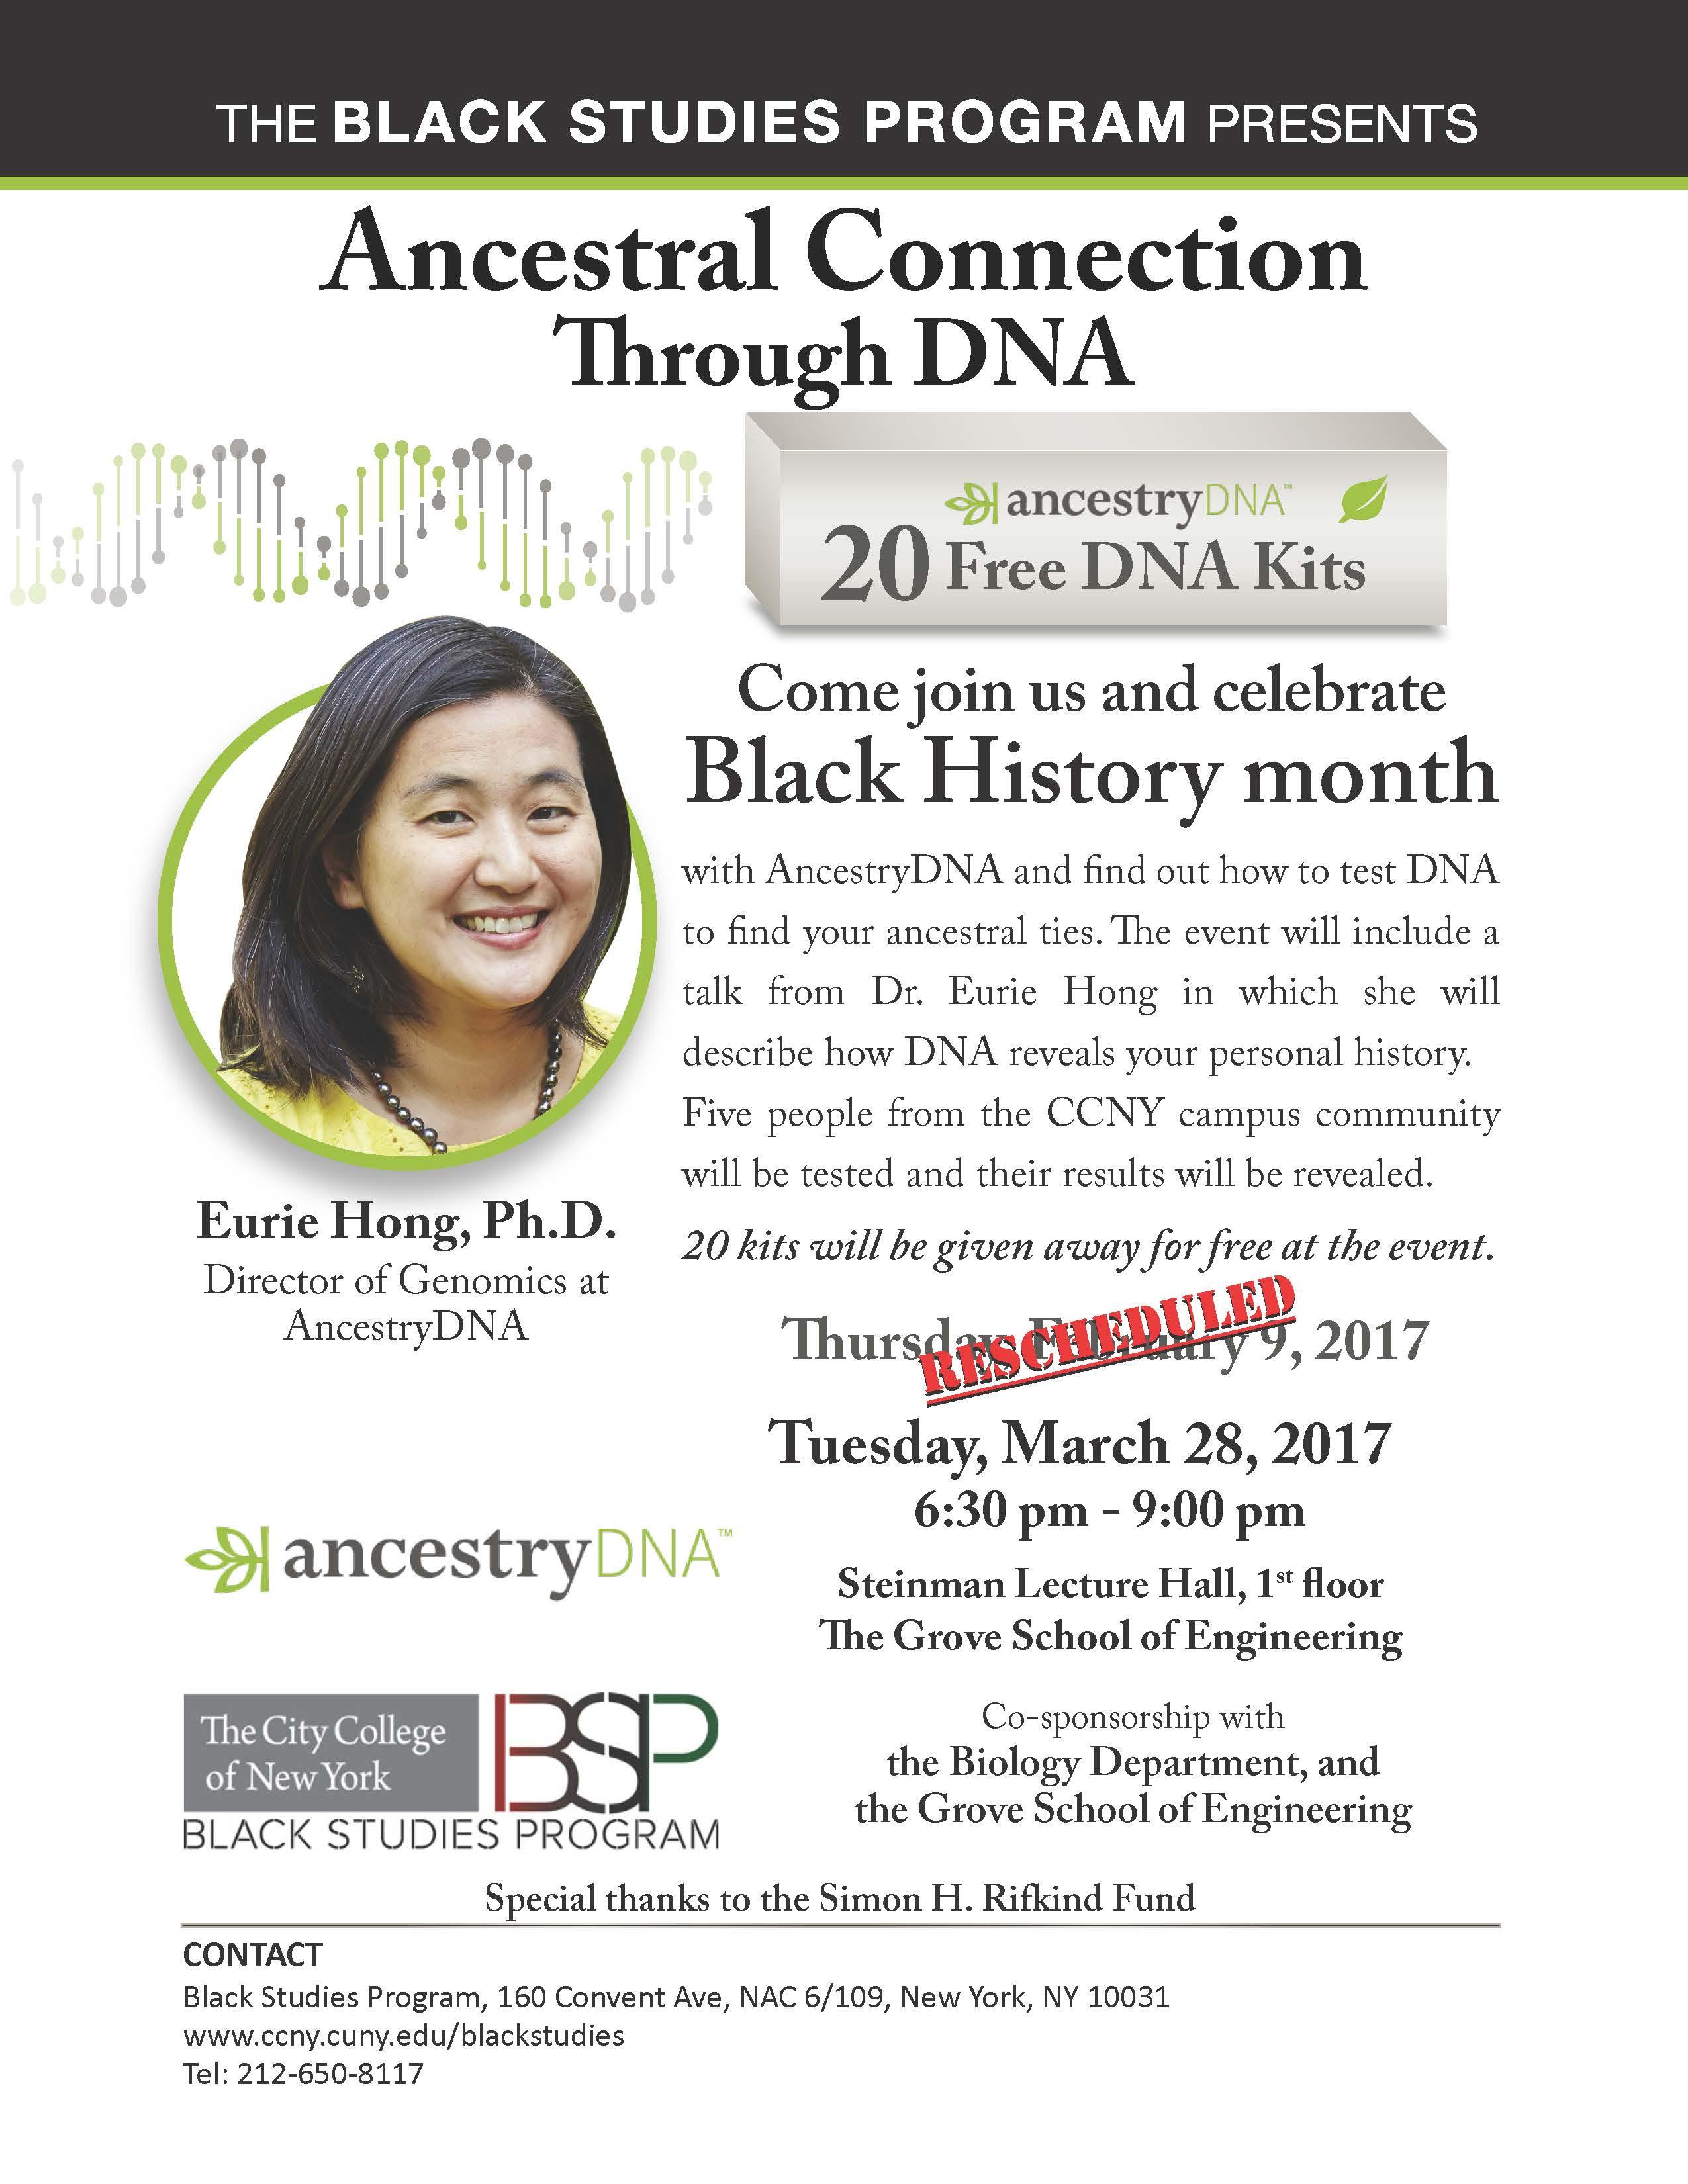 Ancestral Connection Through DNA